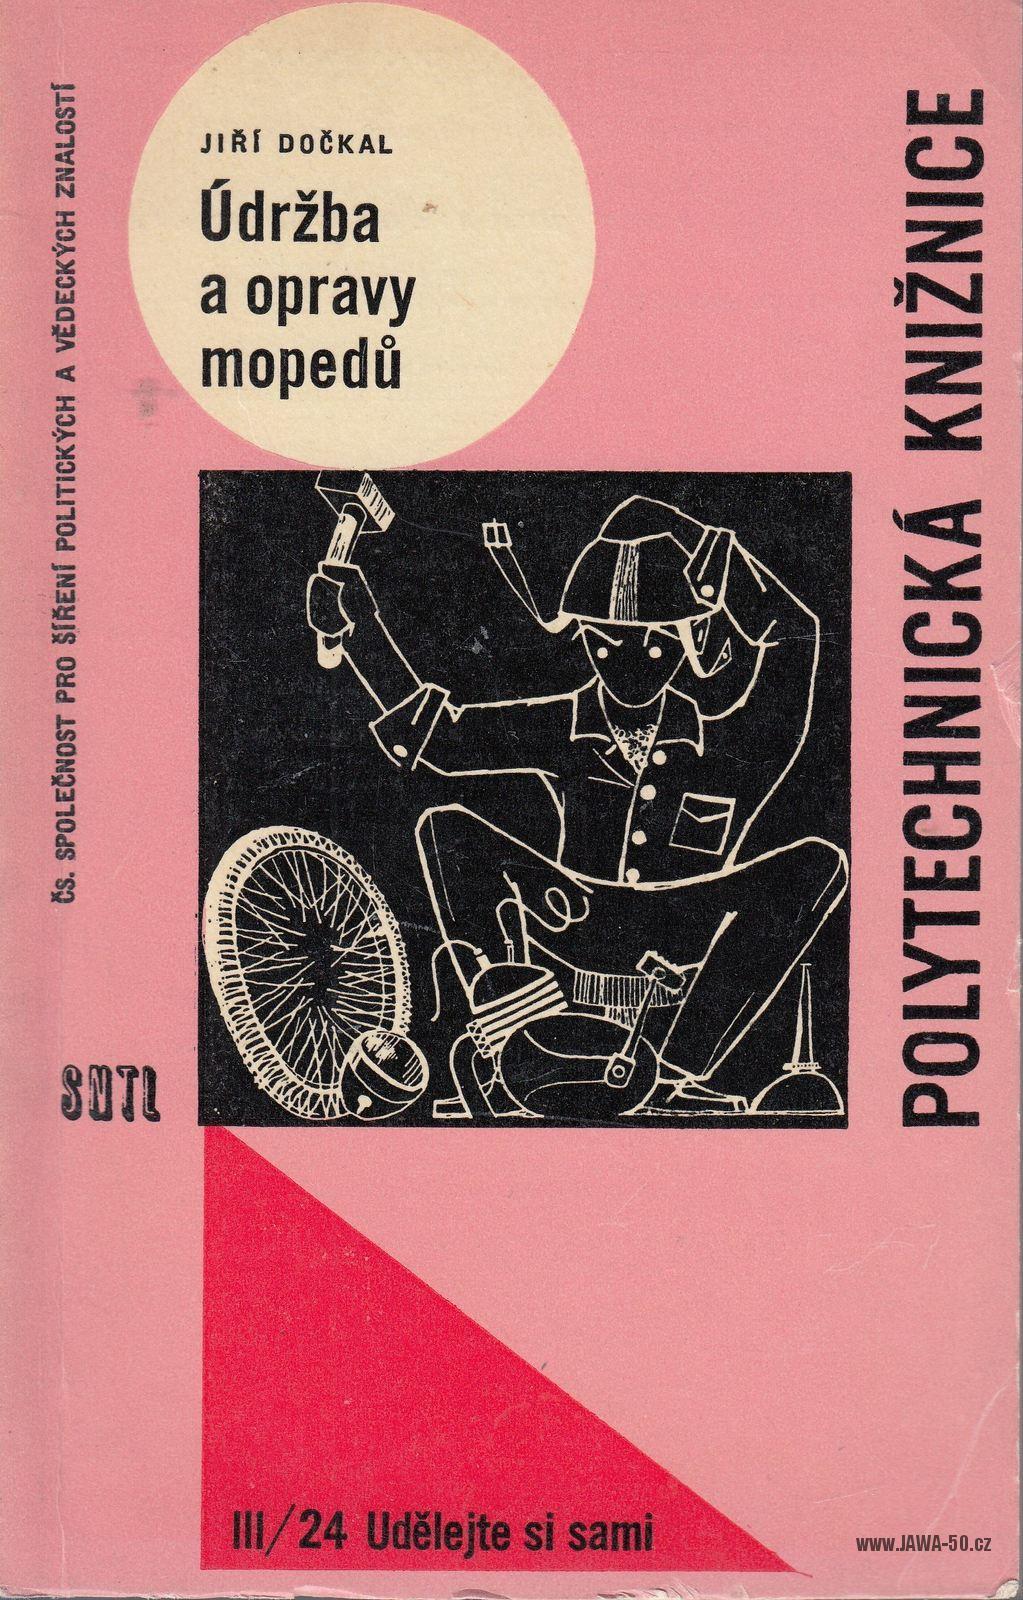 Údržba a opravy mopedů - Jiří Dočkal (1964)